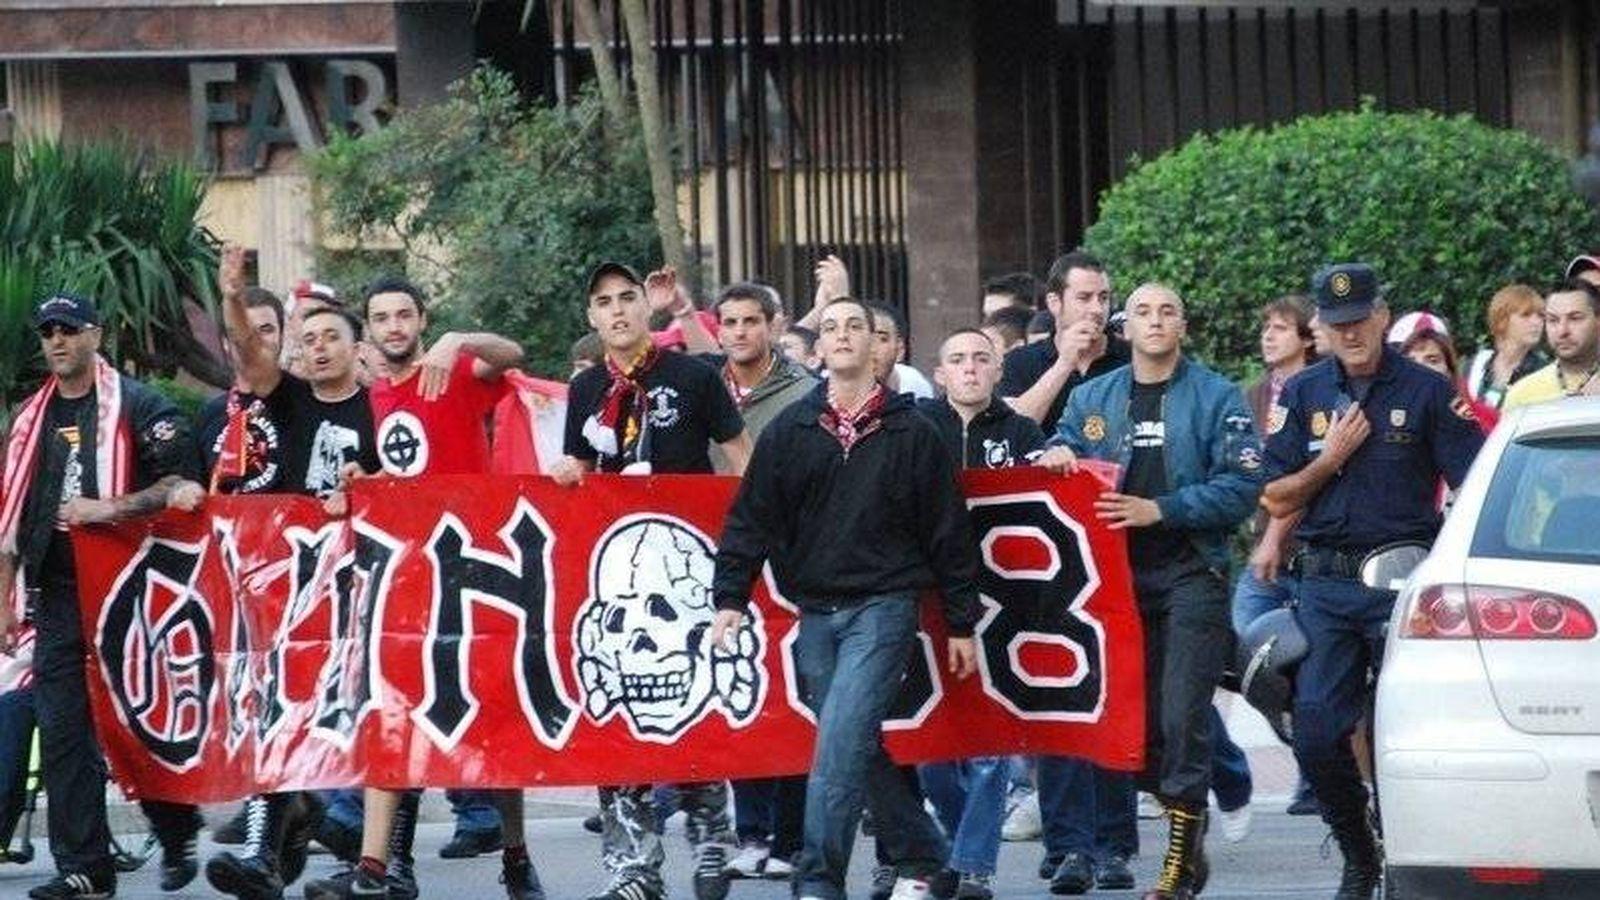 Foto: Miembros de Batallón Gijón, la facción más radical, escoltados por la Policía.